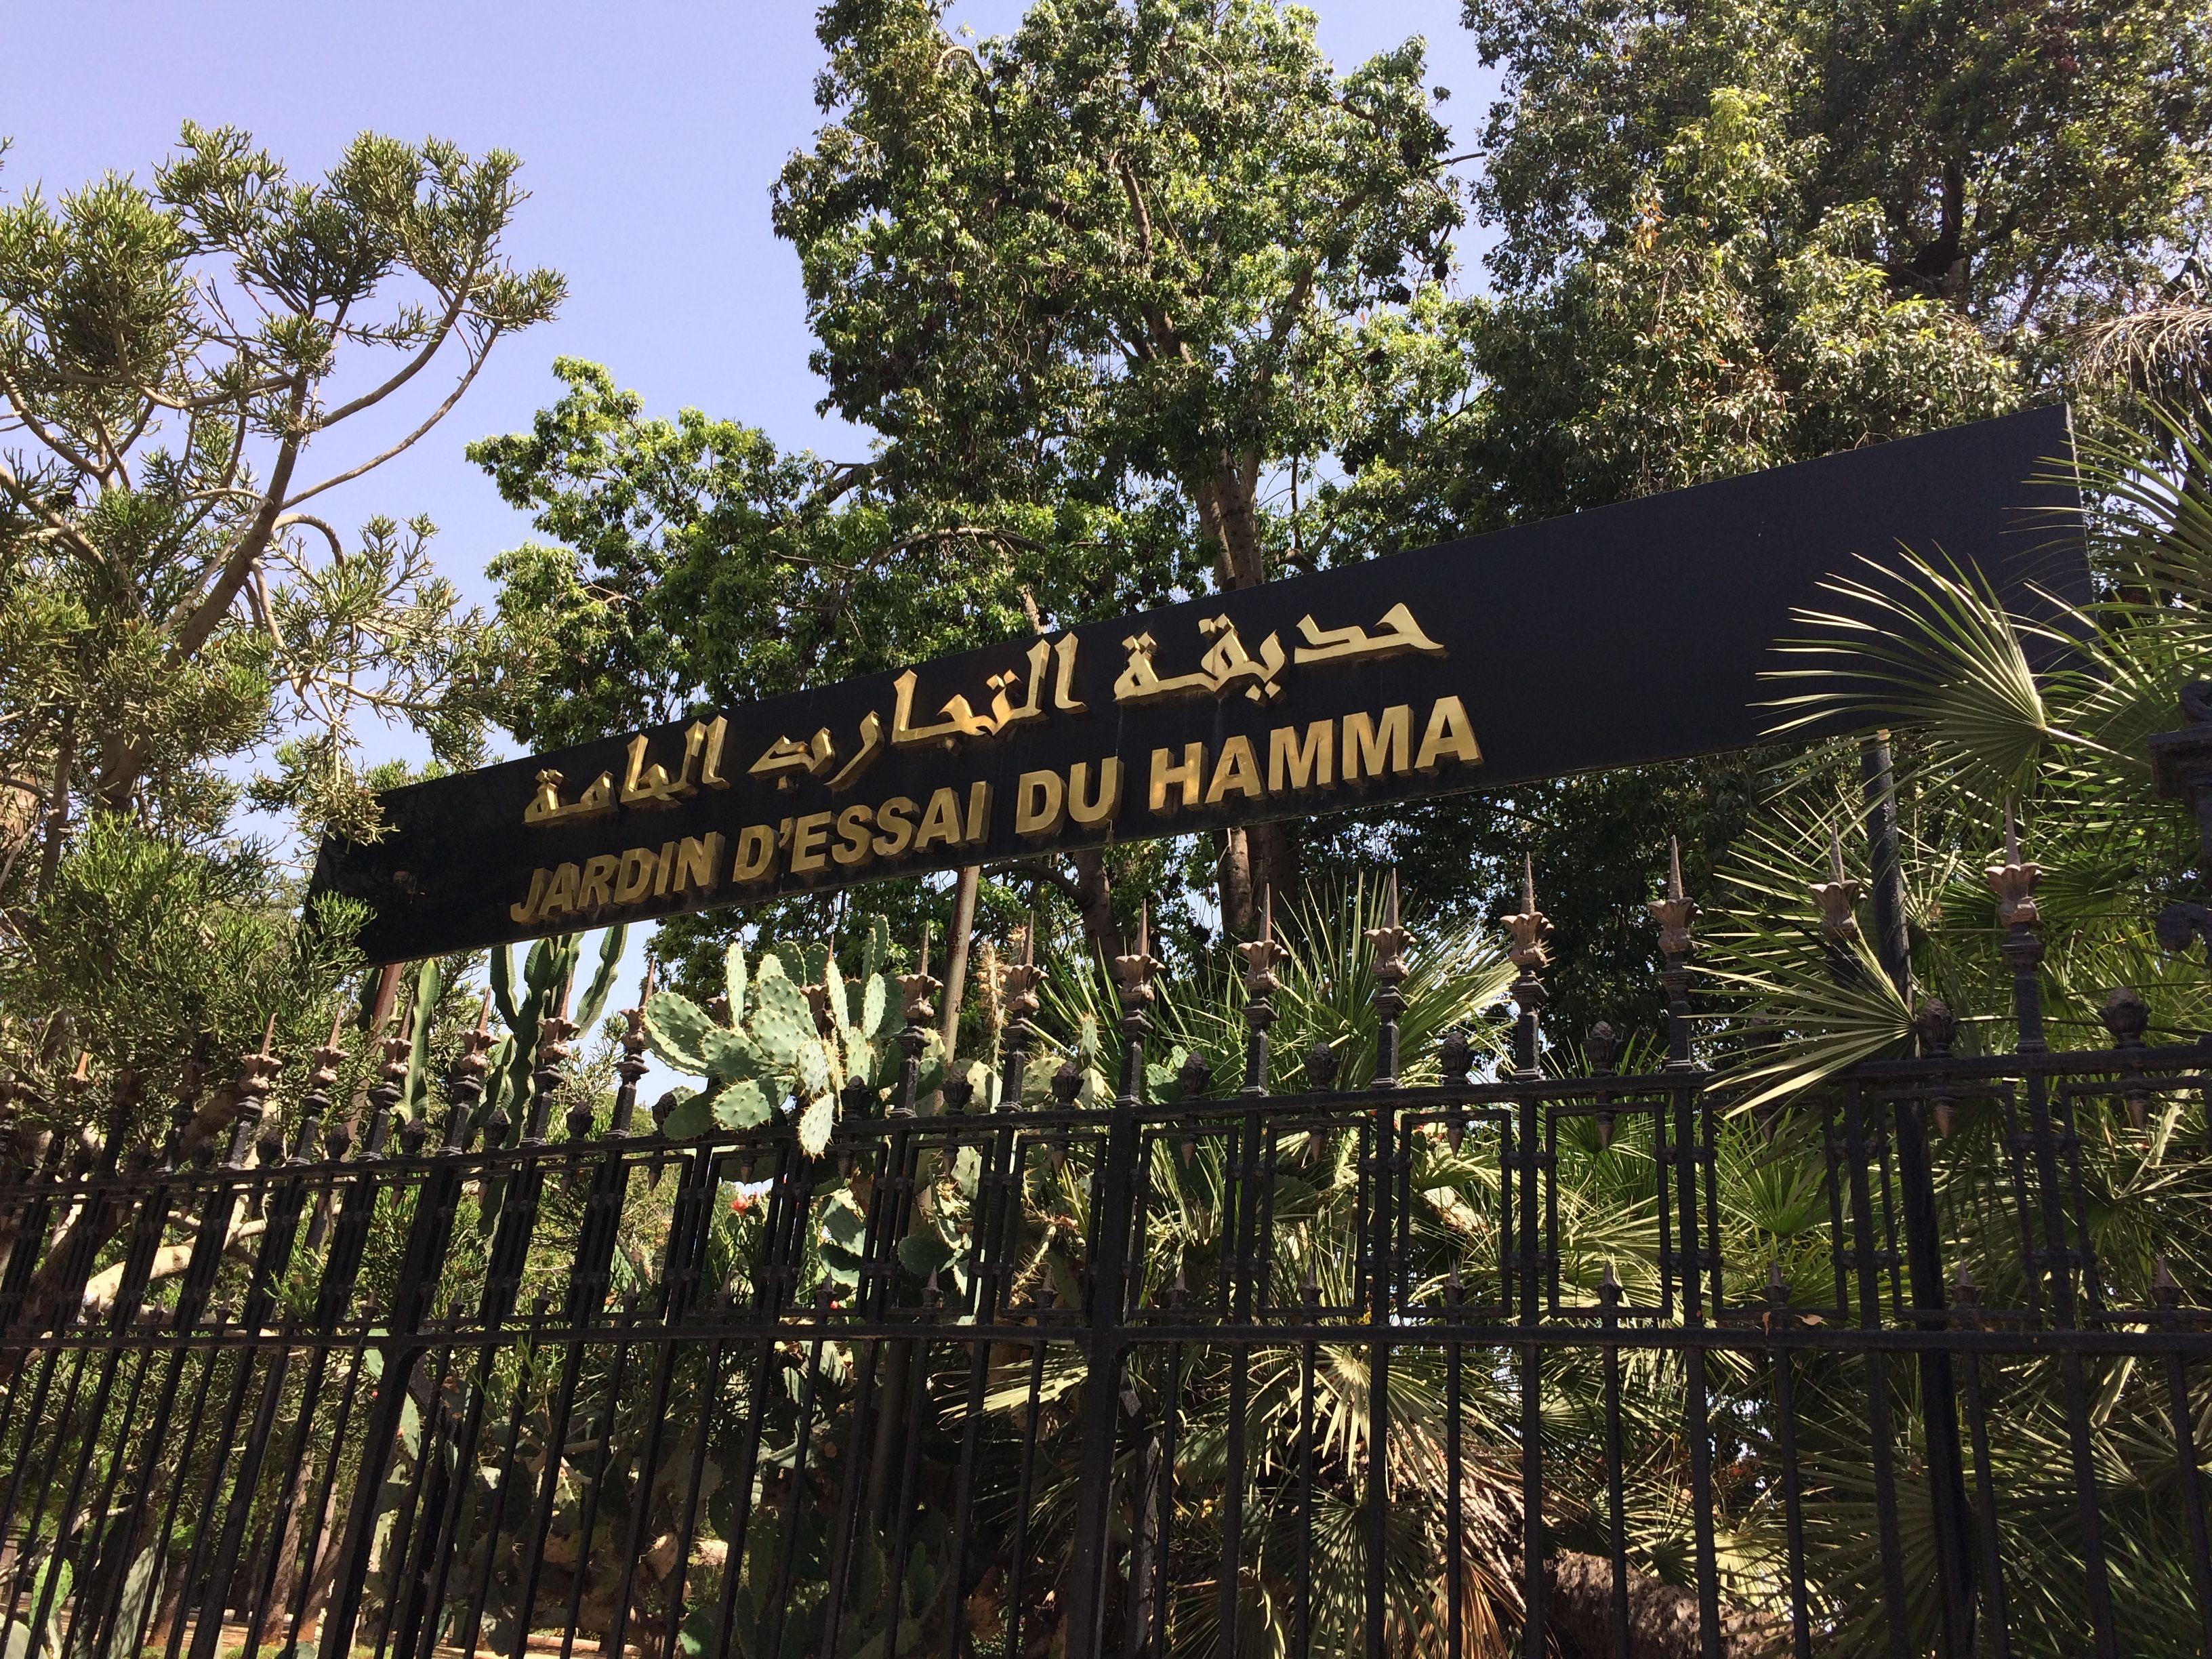 2e Incontournable Jardin D Essai El Hamma Jardins Alger